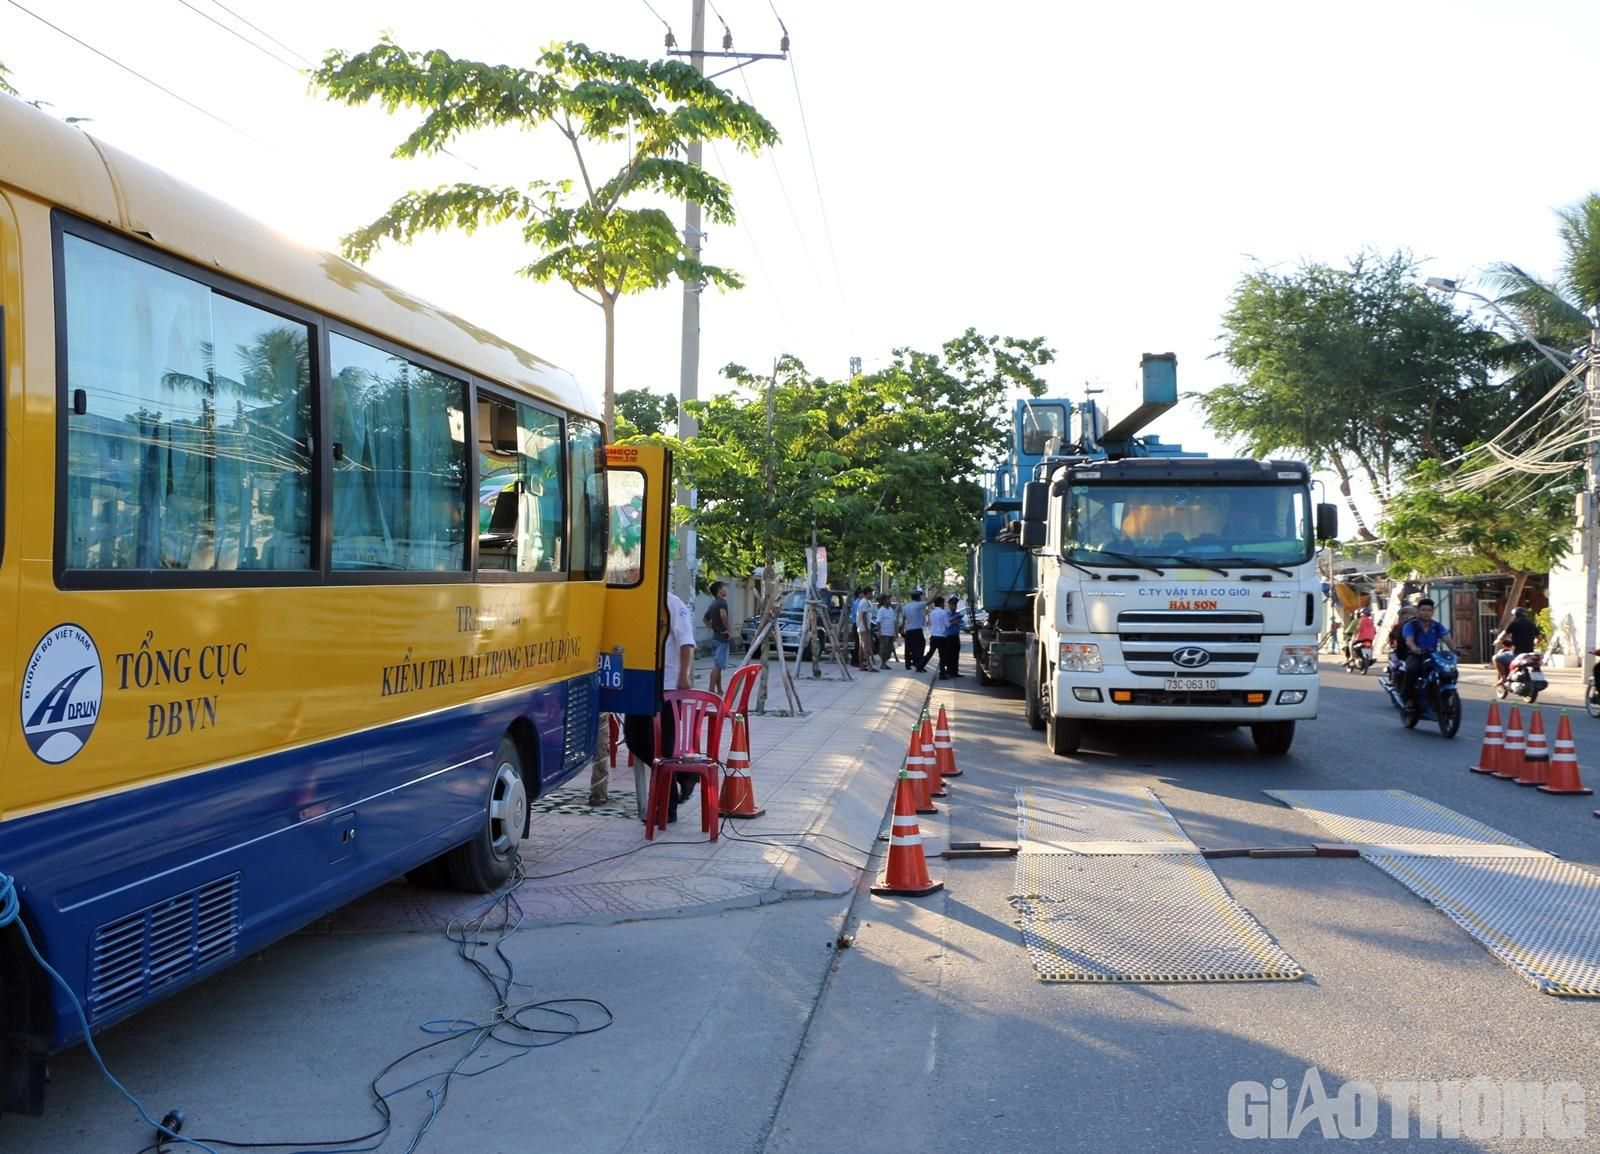 Đoàn xe 'khủng' ở Nha Trang bị phạt gần 140 triệu đồng Ảnh 1